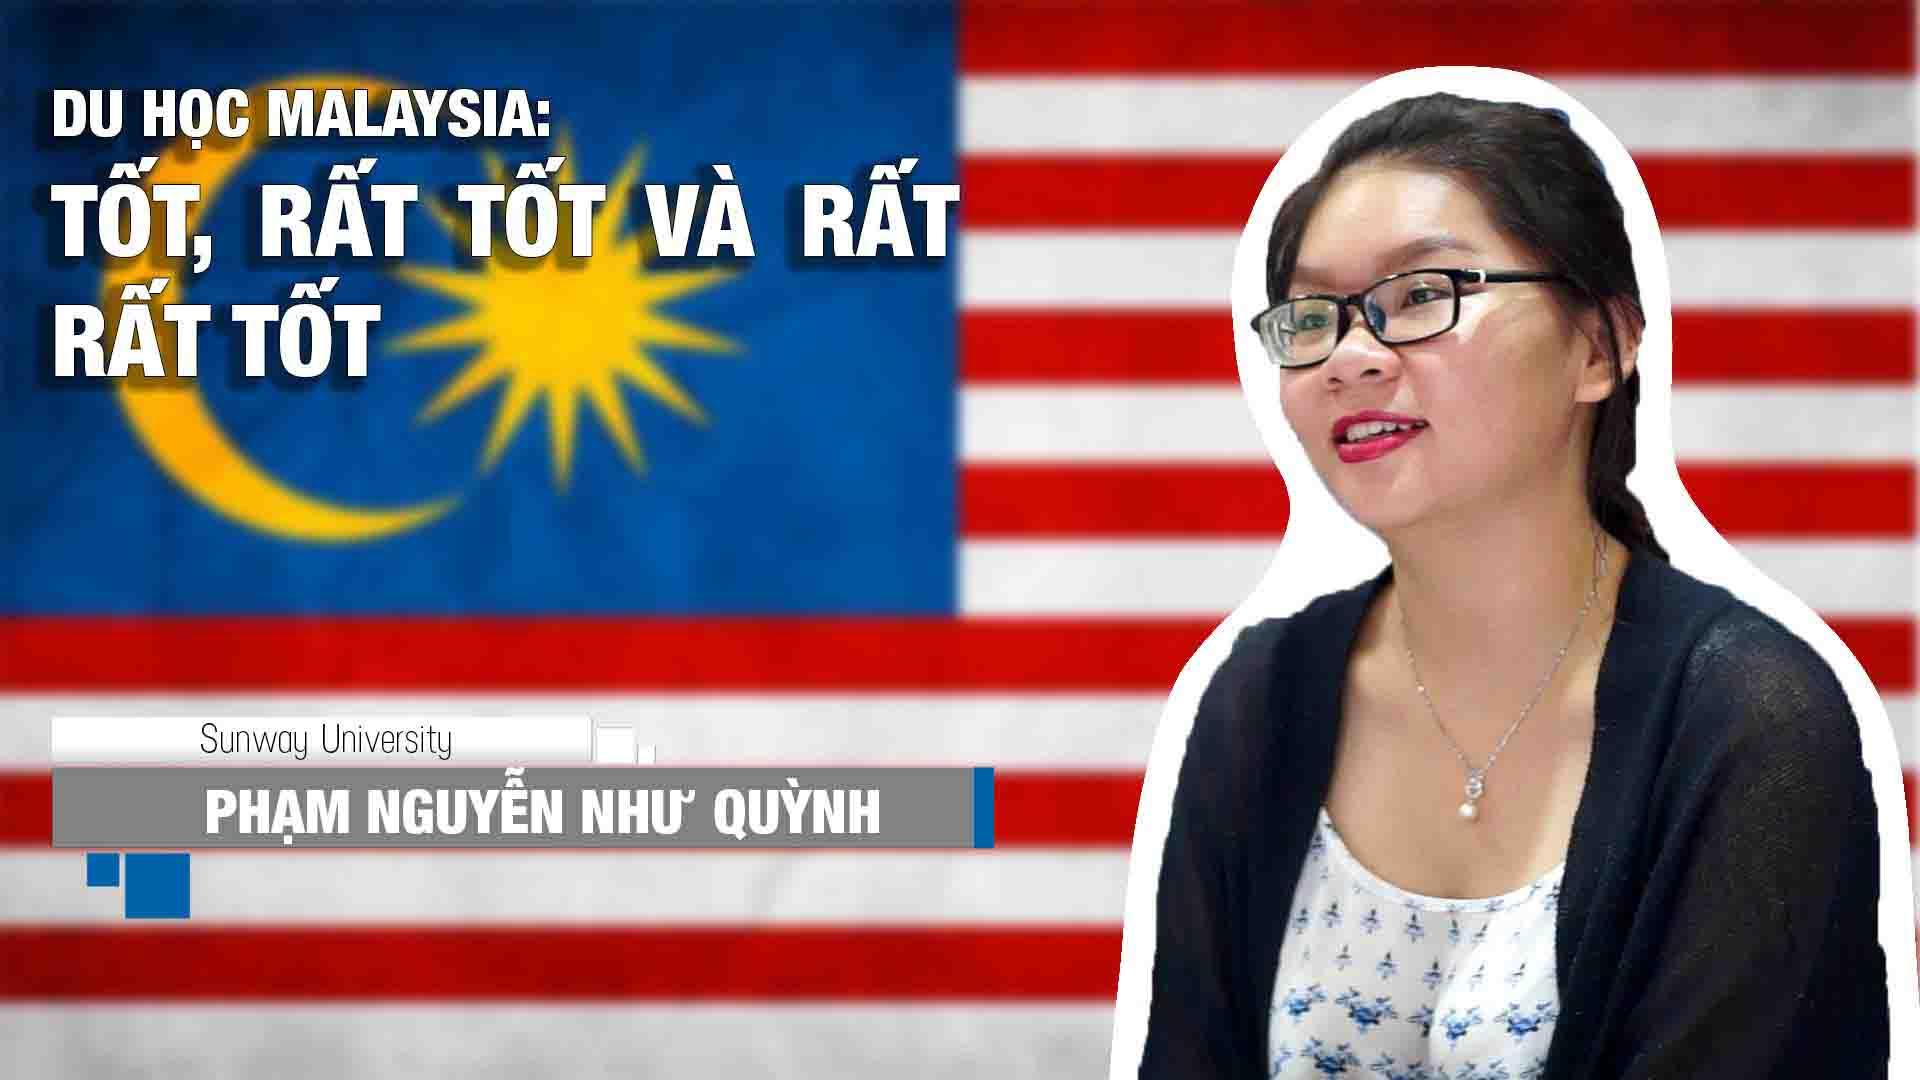 """Phạm Nguyễn Như Quỳnh là cựu học sinh trường THPT Nguyễn Thị Minh Khai (TP. HCM). Năm 2013, Như Quỳnh đạt học bổng 100% của trường Đại học Sunway Malaysia. Hiện tại, em đang là sinh viên ngành Tài chính Kế toán của trường. Thời gian này, Như Quỳnh đang trải nghiệm kỳ thực tập 3 tháng (từ 21/12/2015 đến 11/3/2016) tại Công ty KPMG Malaysia - một trong """"Big Four"""": 4 công ty kiểm toán lớn nhất thế giới (gồm Deloitte, Ernst & Young, KPMG và PwC).  Chương trình Tài chính - Kế toán tại Đại học Sunway cung cấp cho sinh viên chương trình học được công nhận bởi Đại học Lancaster - Top 10 trường tốt nhất Vương Quốc Anh. Sau khi tốt nghiệp, sinh viên sẽ được nhận cùng lúc bằng cấp của trường ĐH Sunway và bằng chính quy của Đại học Lancaster. Xem thêm thông tin ĐH Sunway: http://duhocinec.com/du-hoc-malaysia-..."""